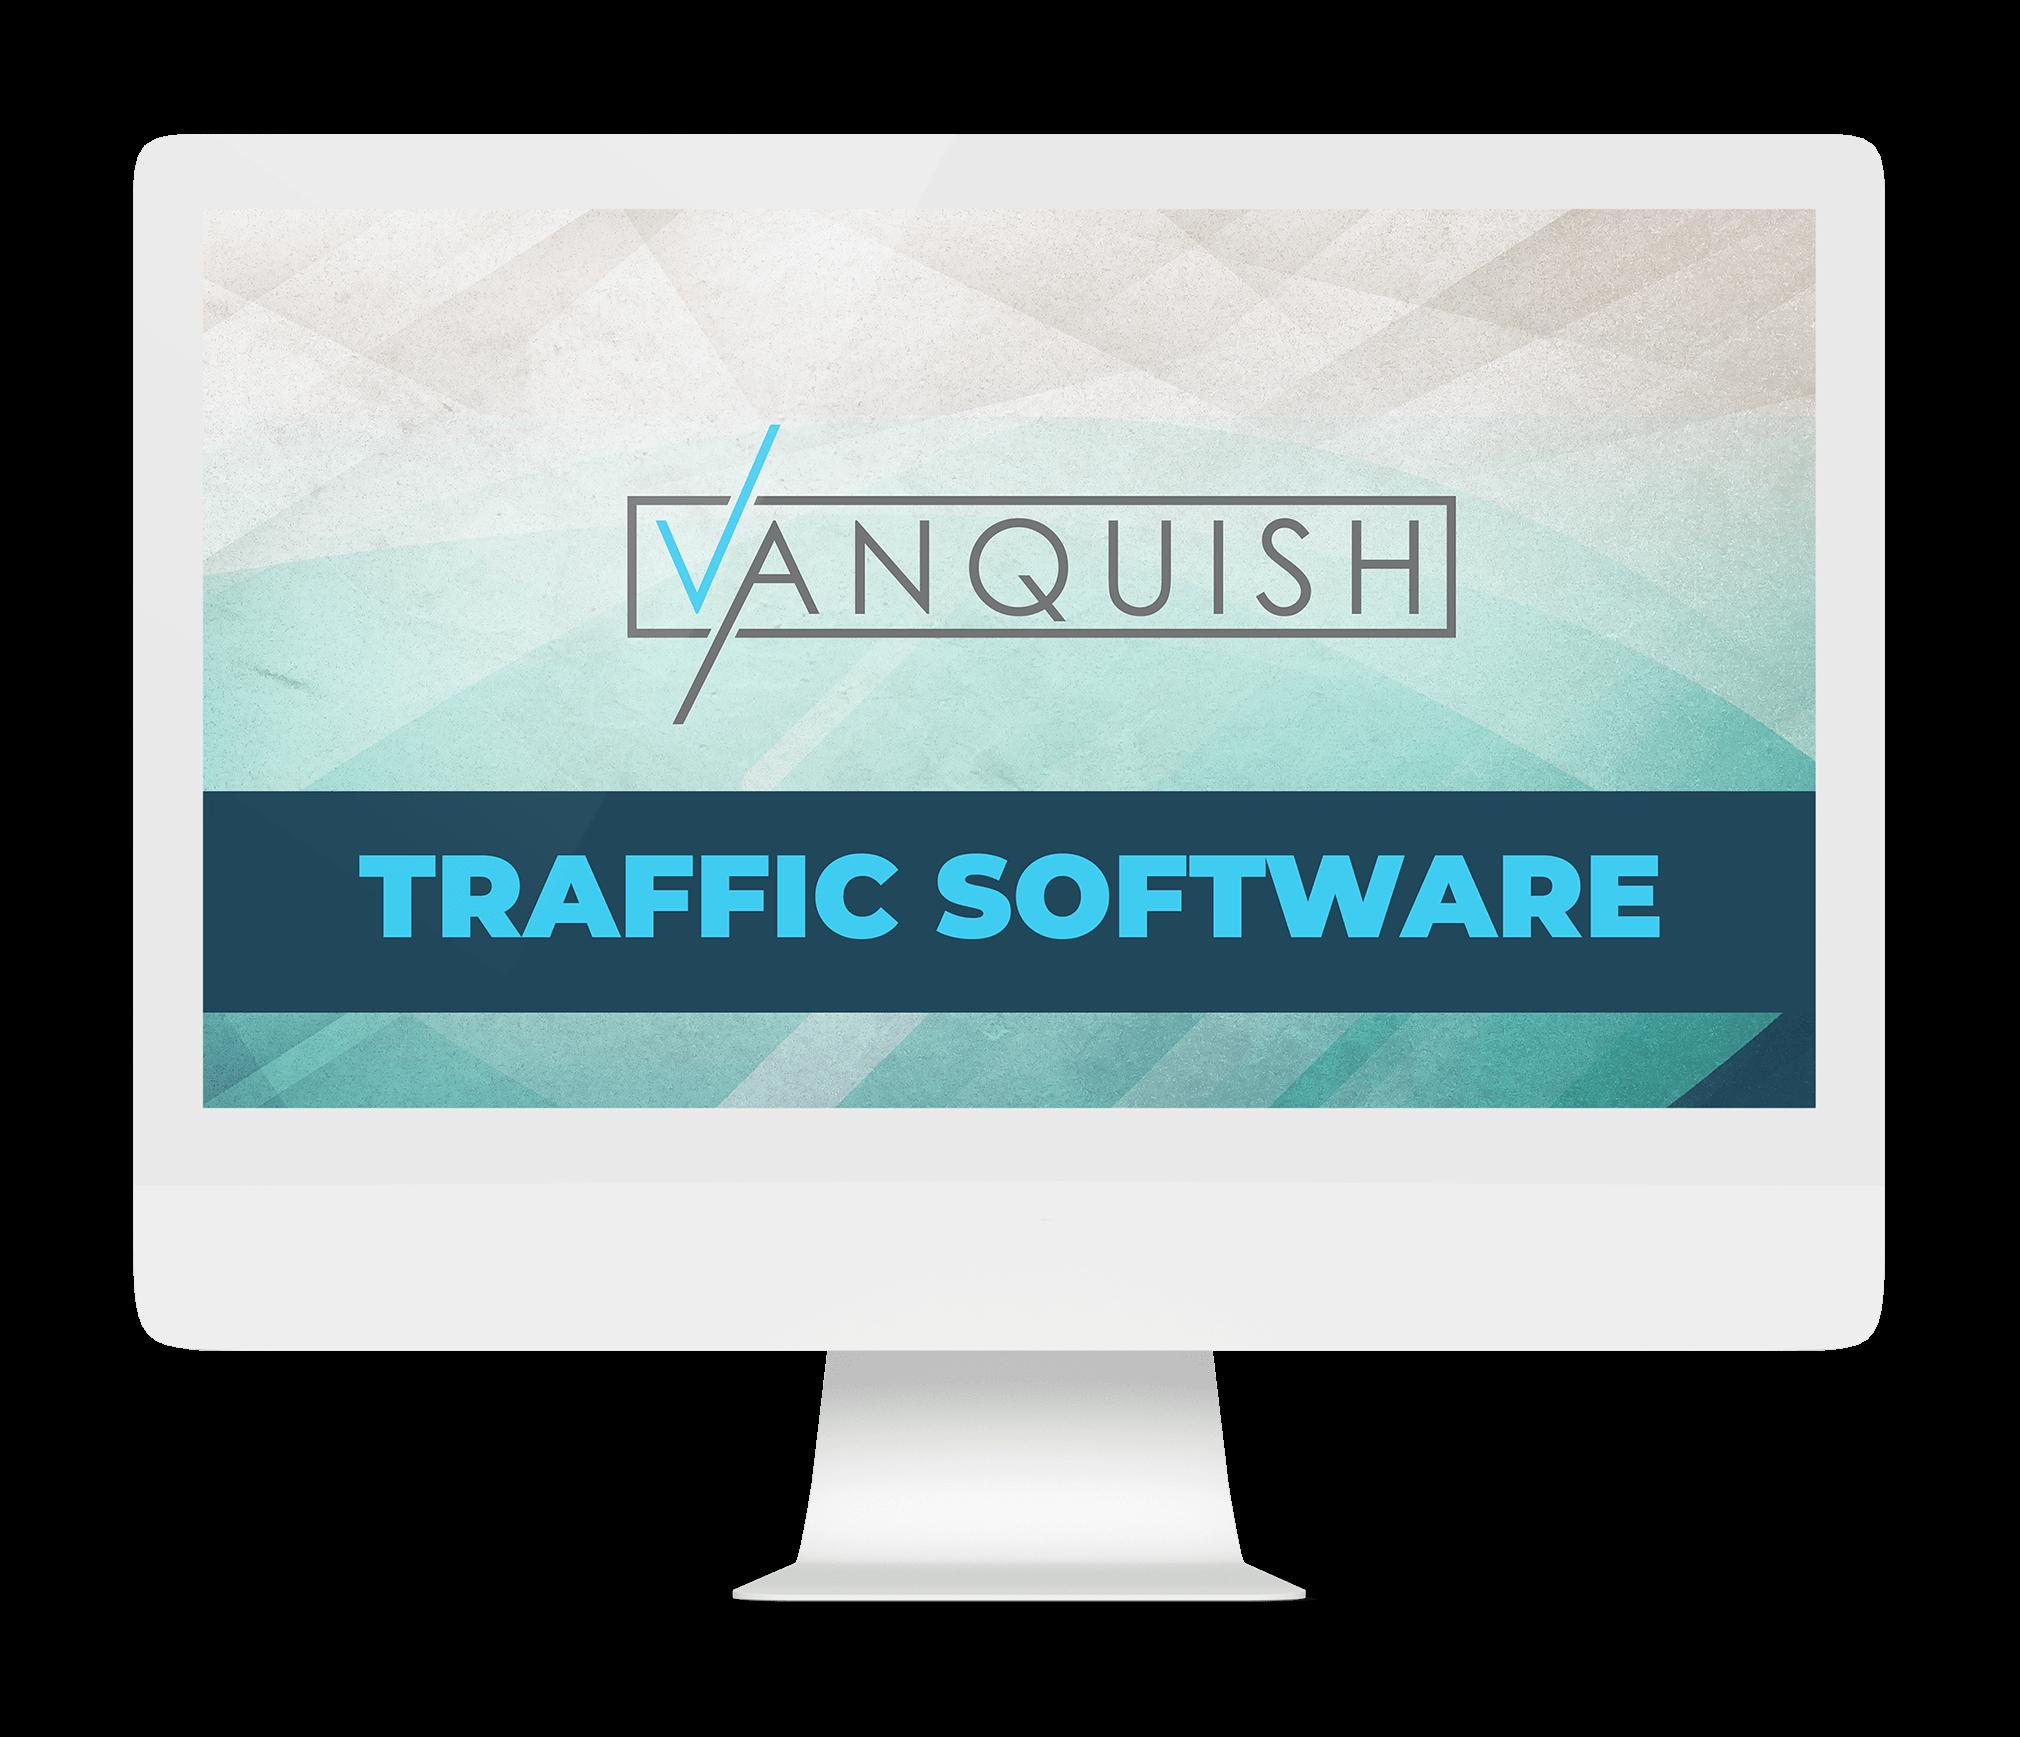 Vanquish-1